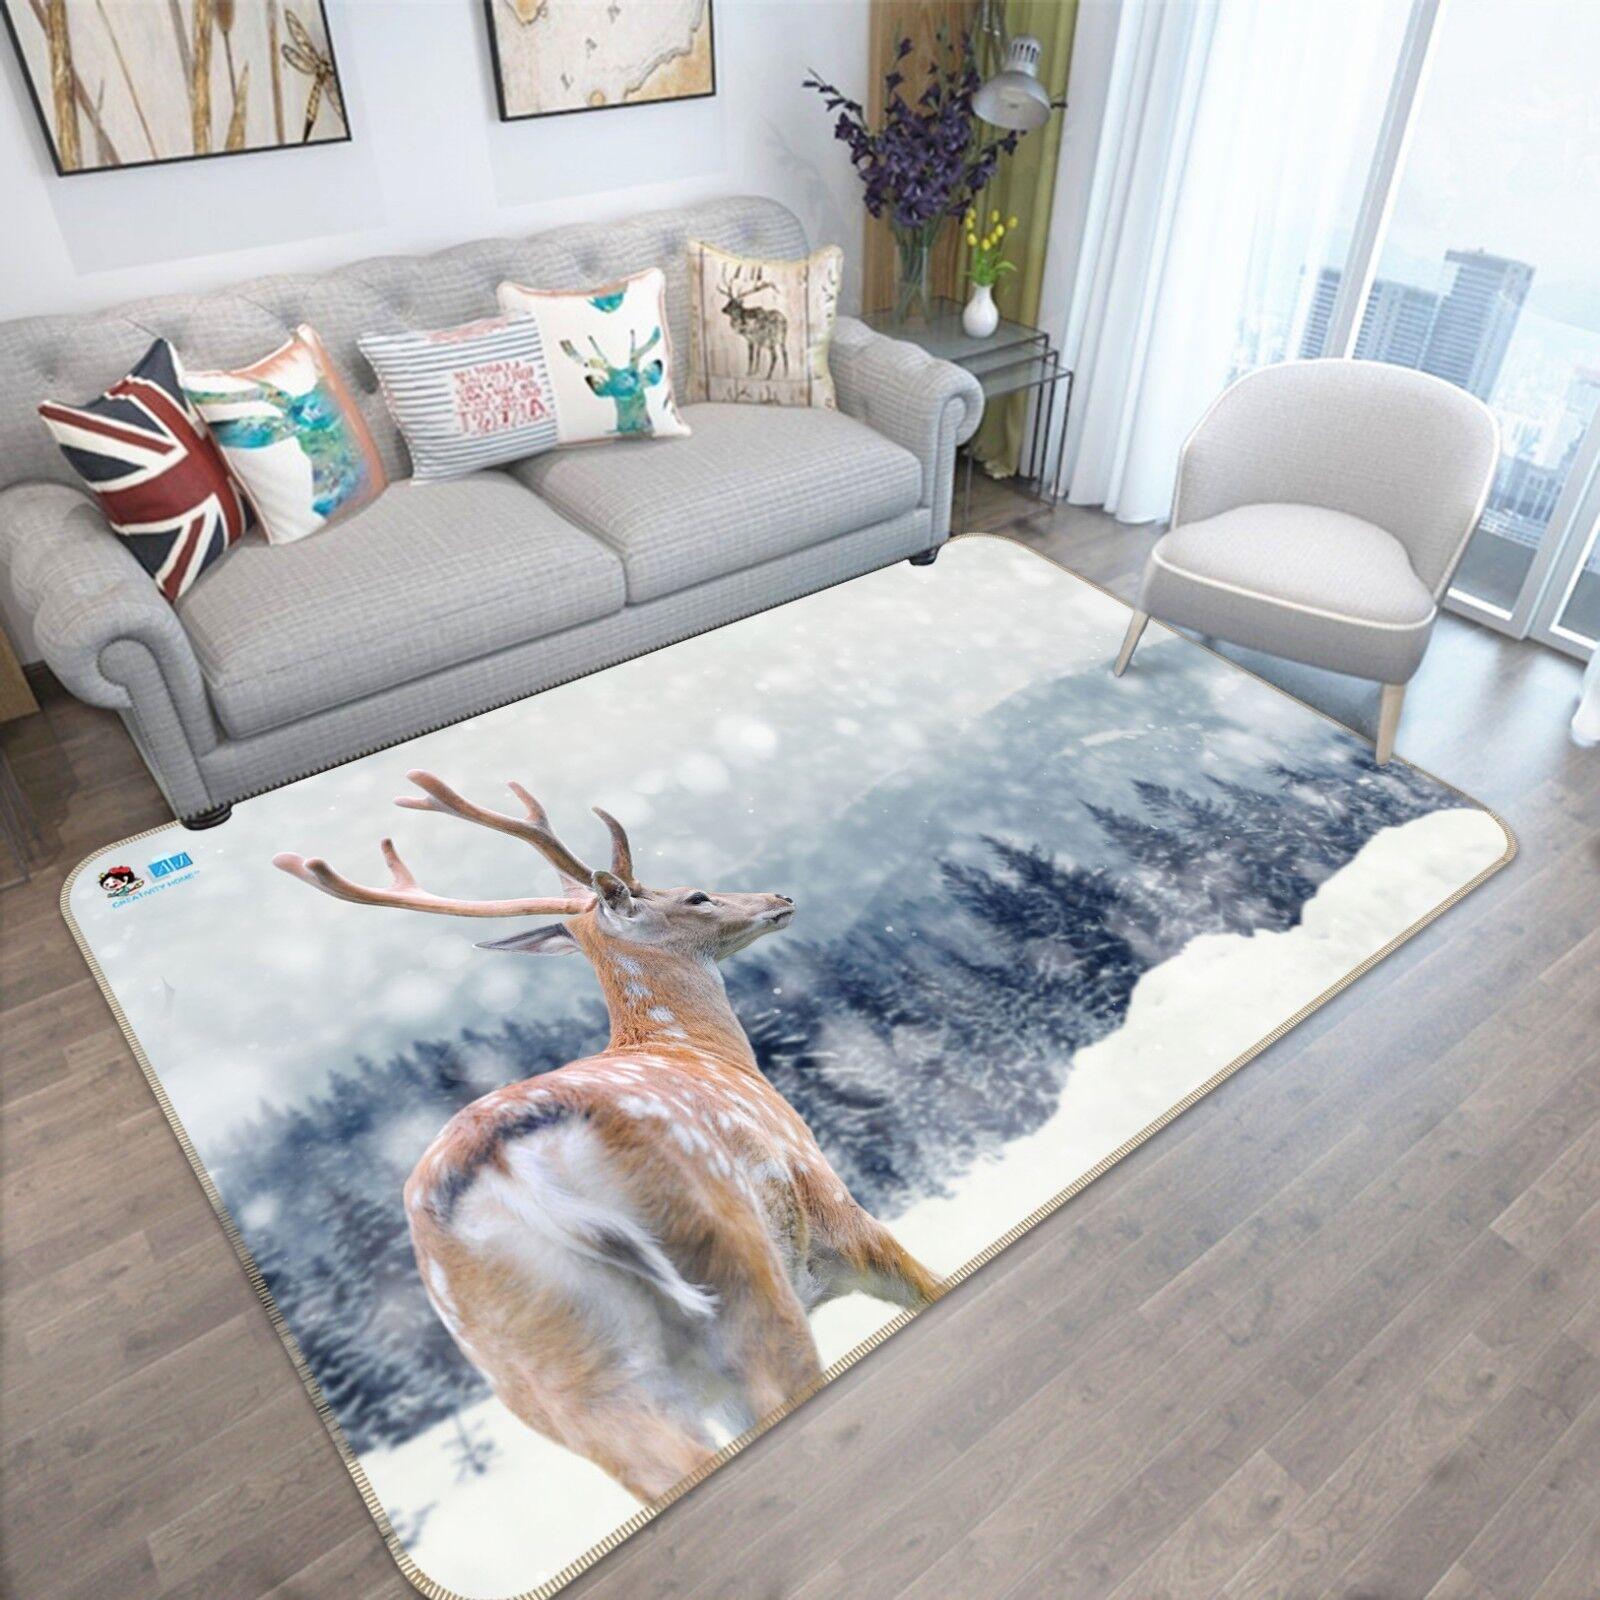 3D Snow Forest Deer 76 Tapis de sol Tapis de sol antidérapants Qualité Tapis Photo élégant Royaume-Uni